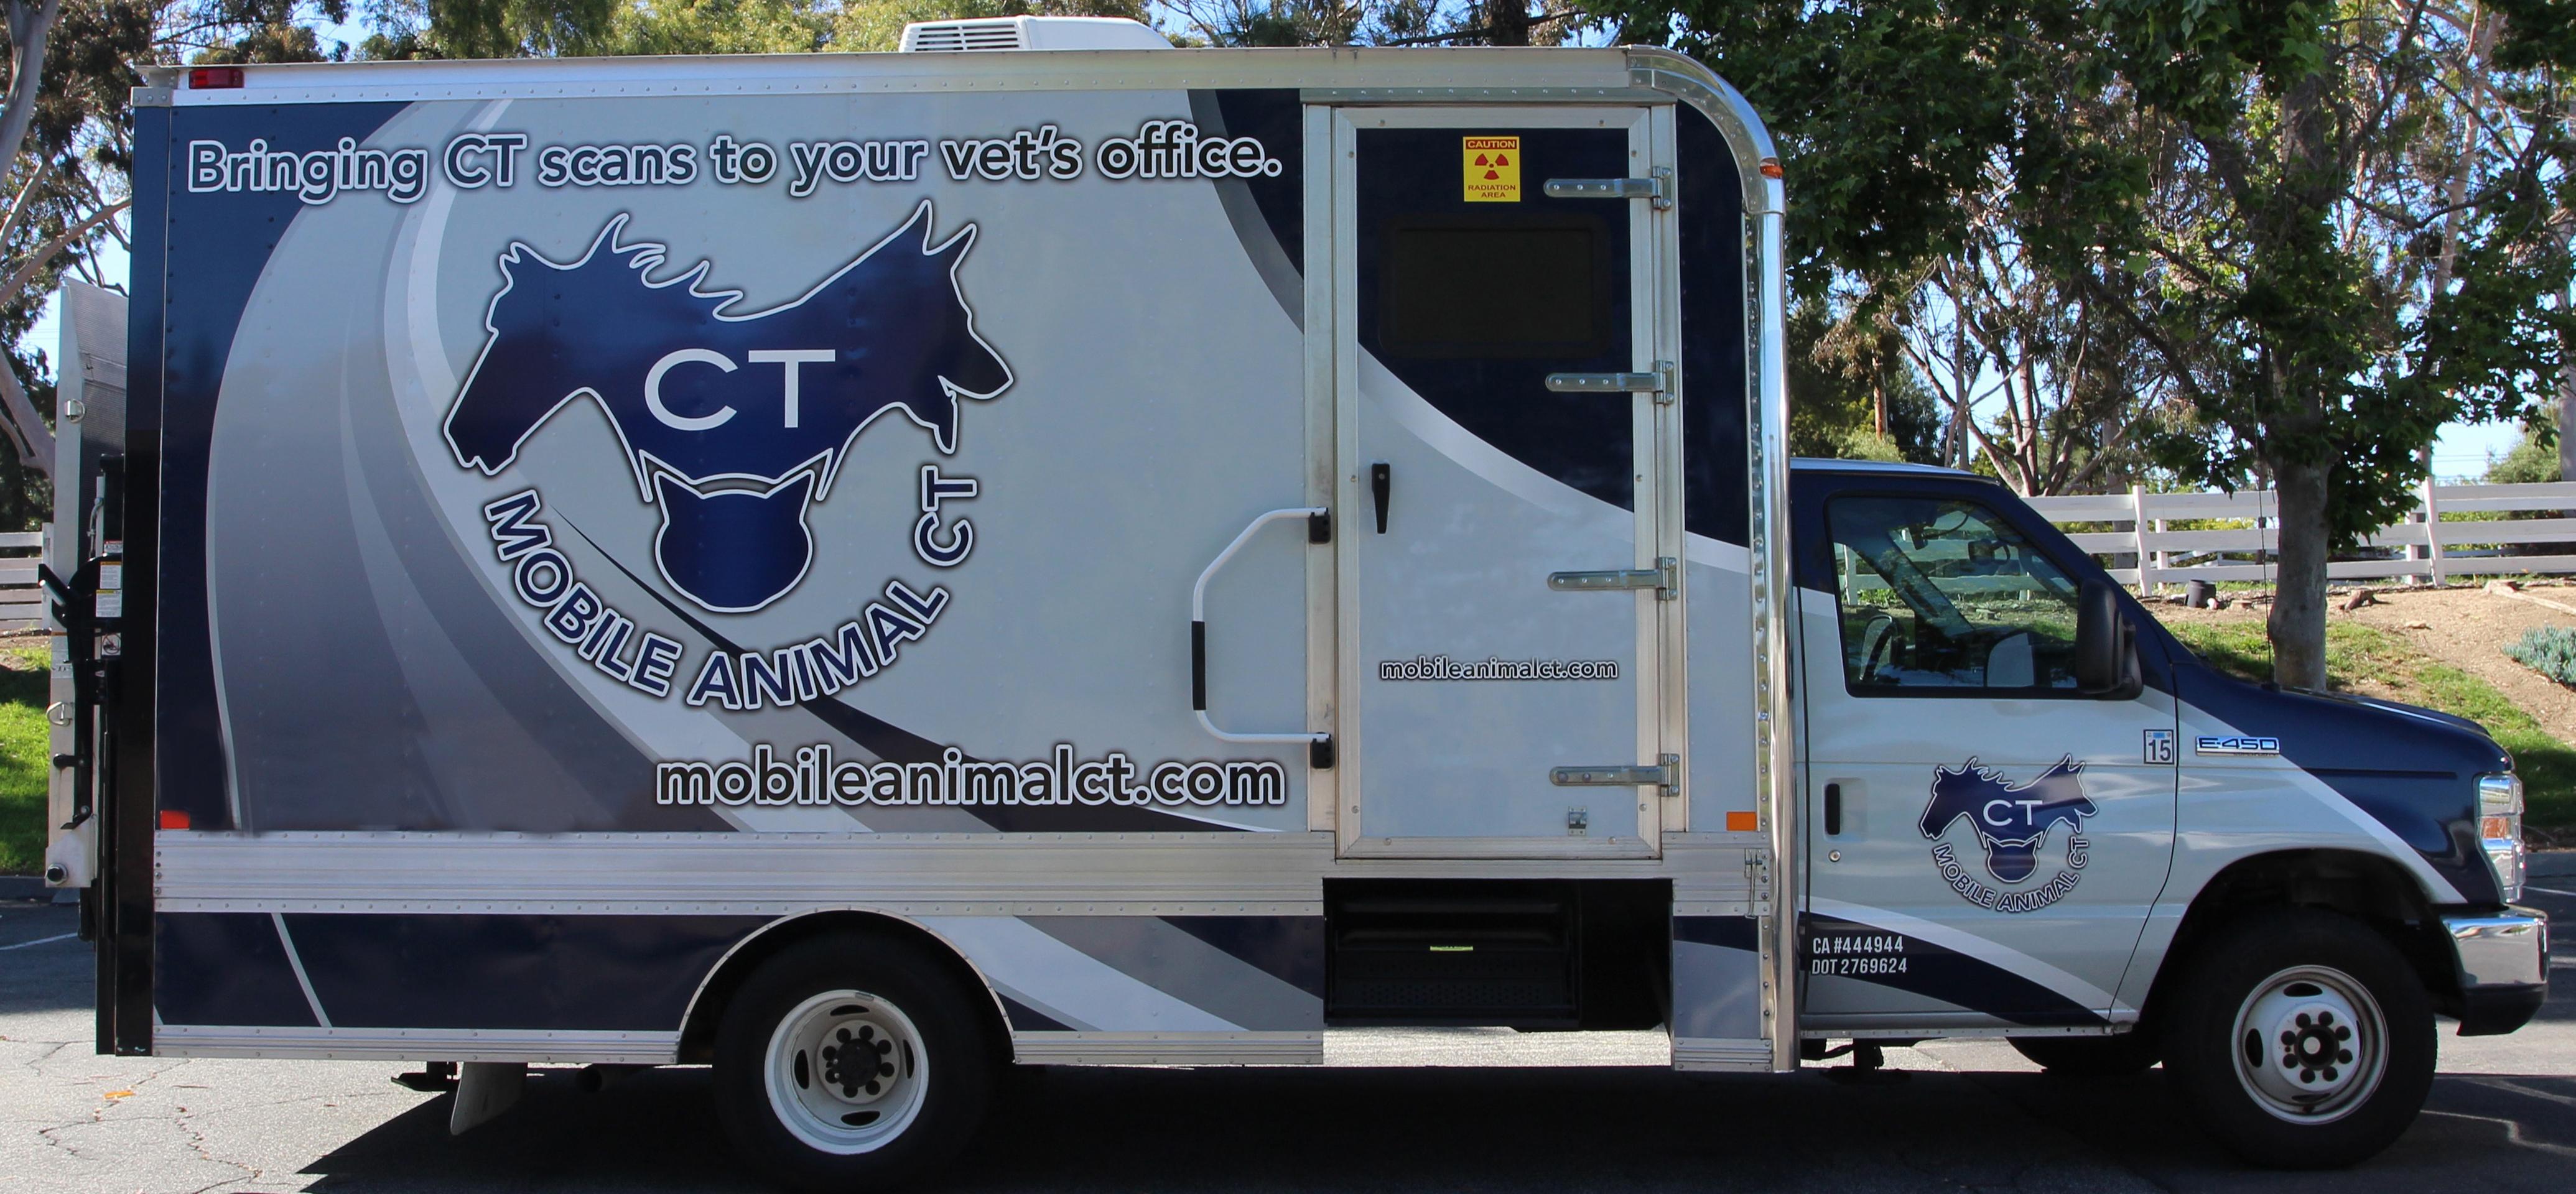 Home | Mobile Animal Computed Tomography (CT)